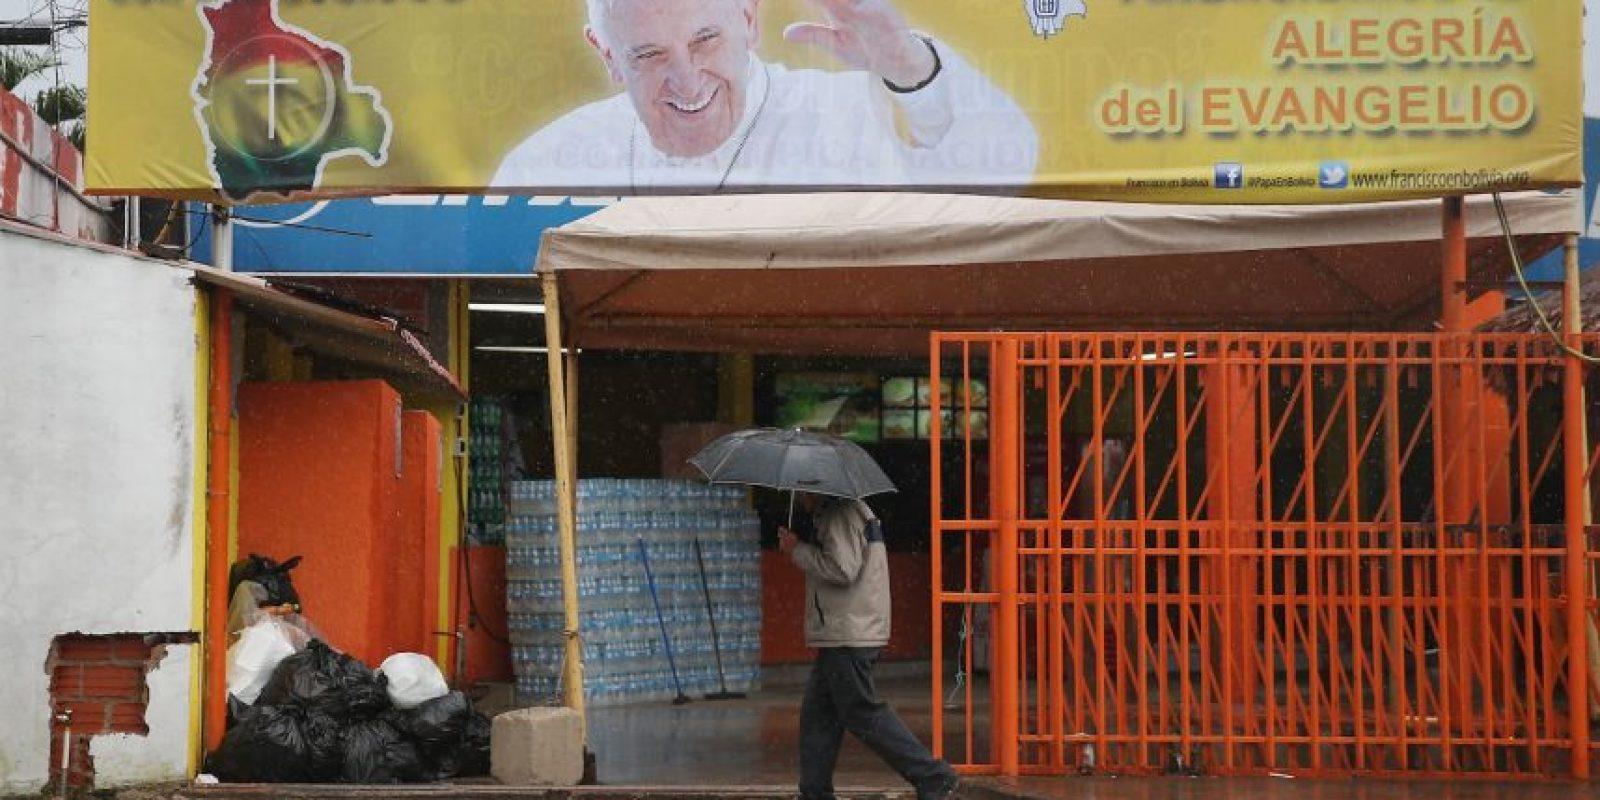 Este jueves oficiará una misa en la Plaza Cristo Redentor Foto:Getty Images